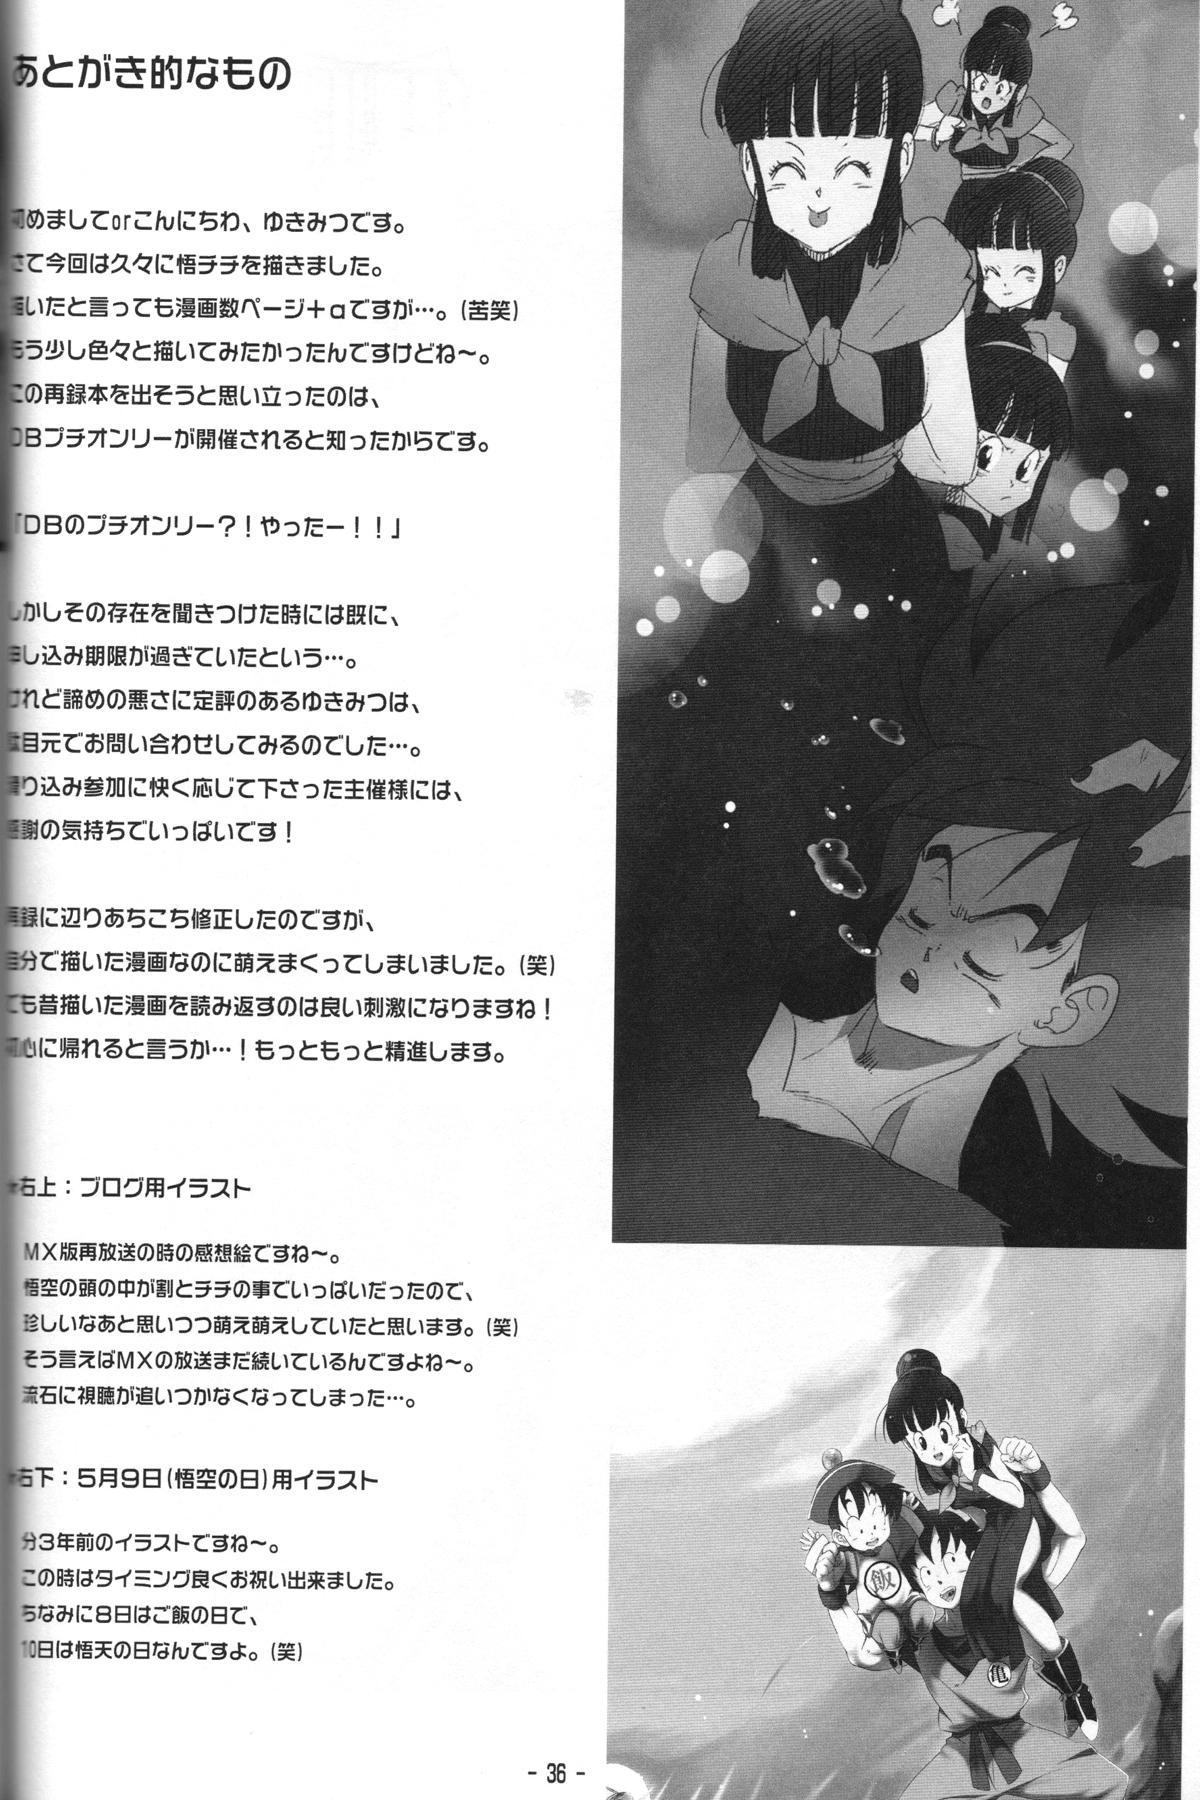 Shinmai Teishu to Koinyobo Z 34